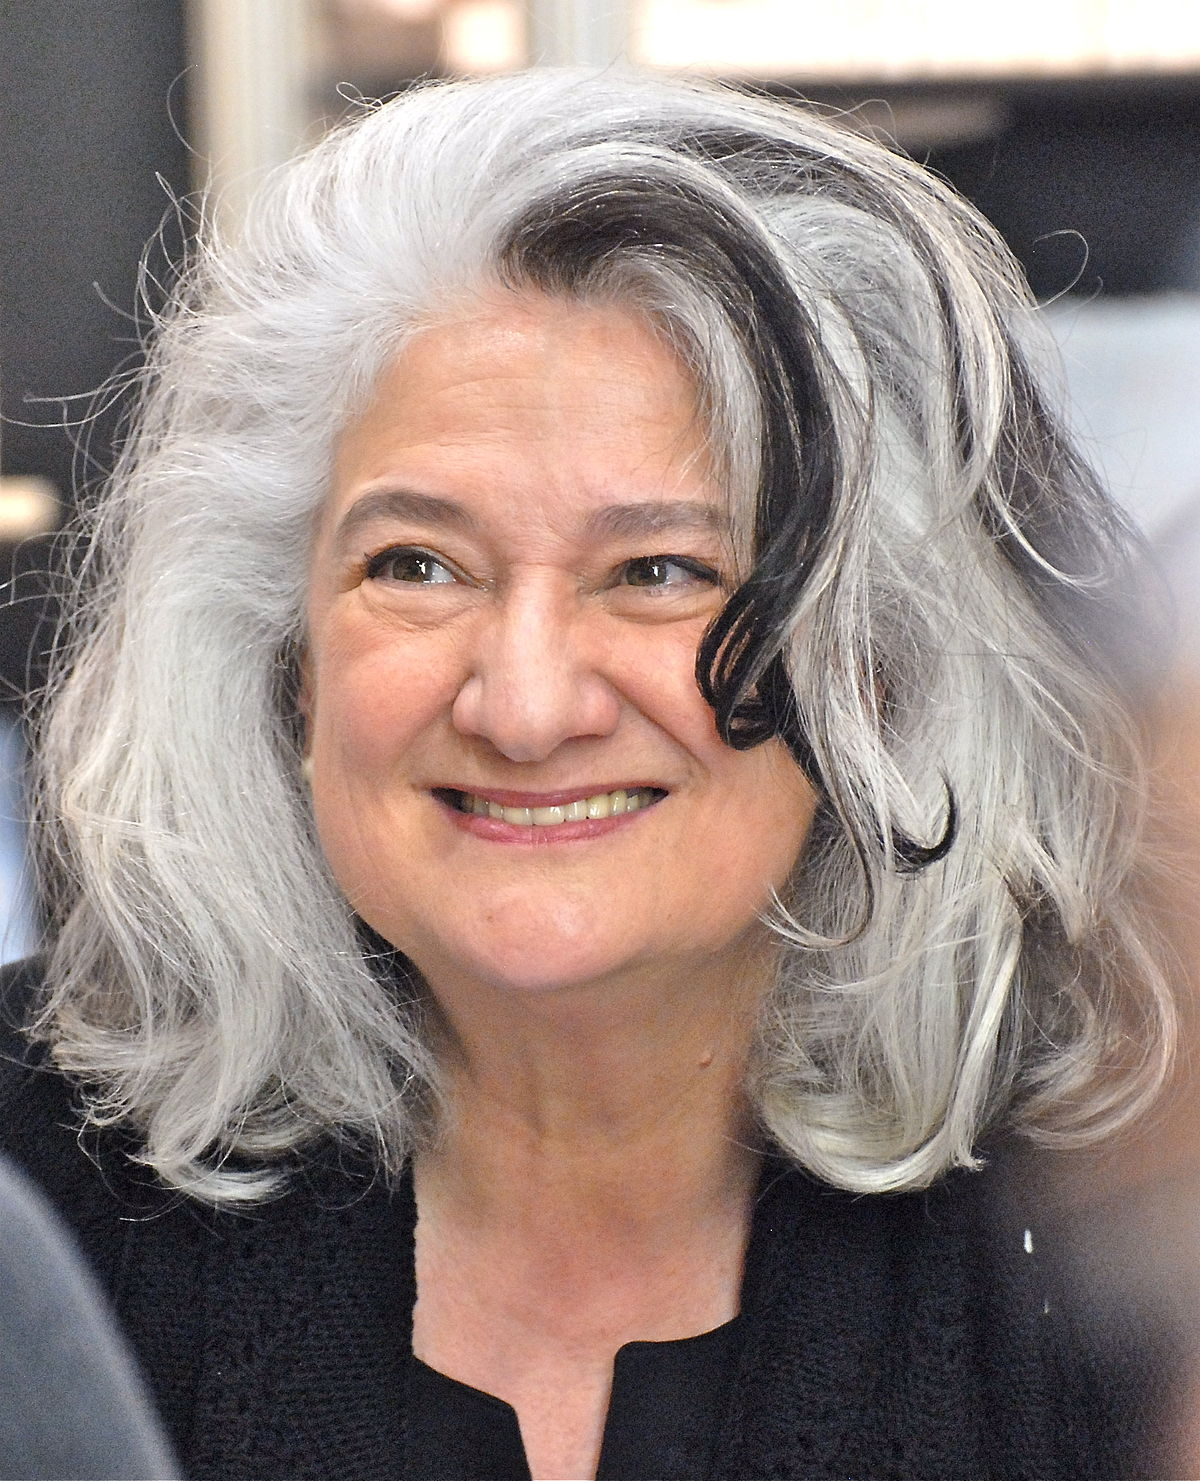 60 ans et plus mature oldies granny xxx part 1 - 2 part 6